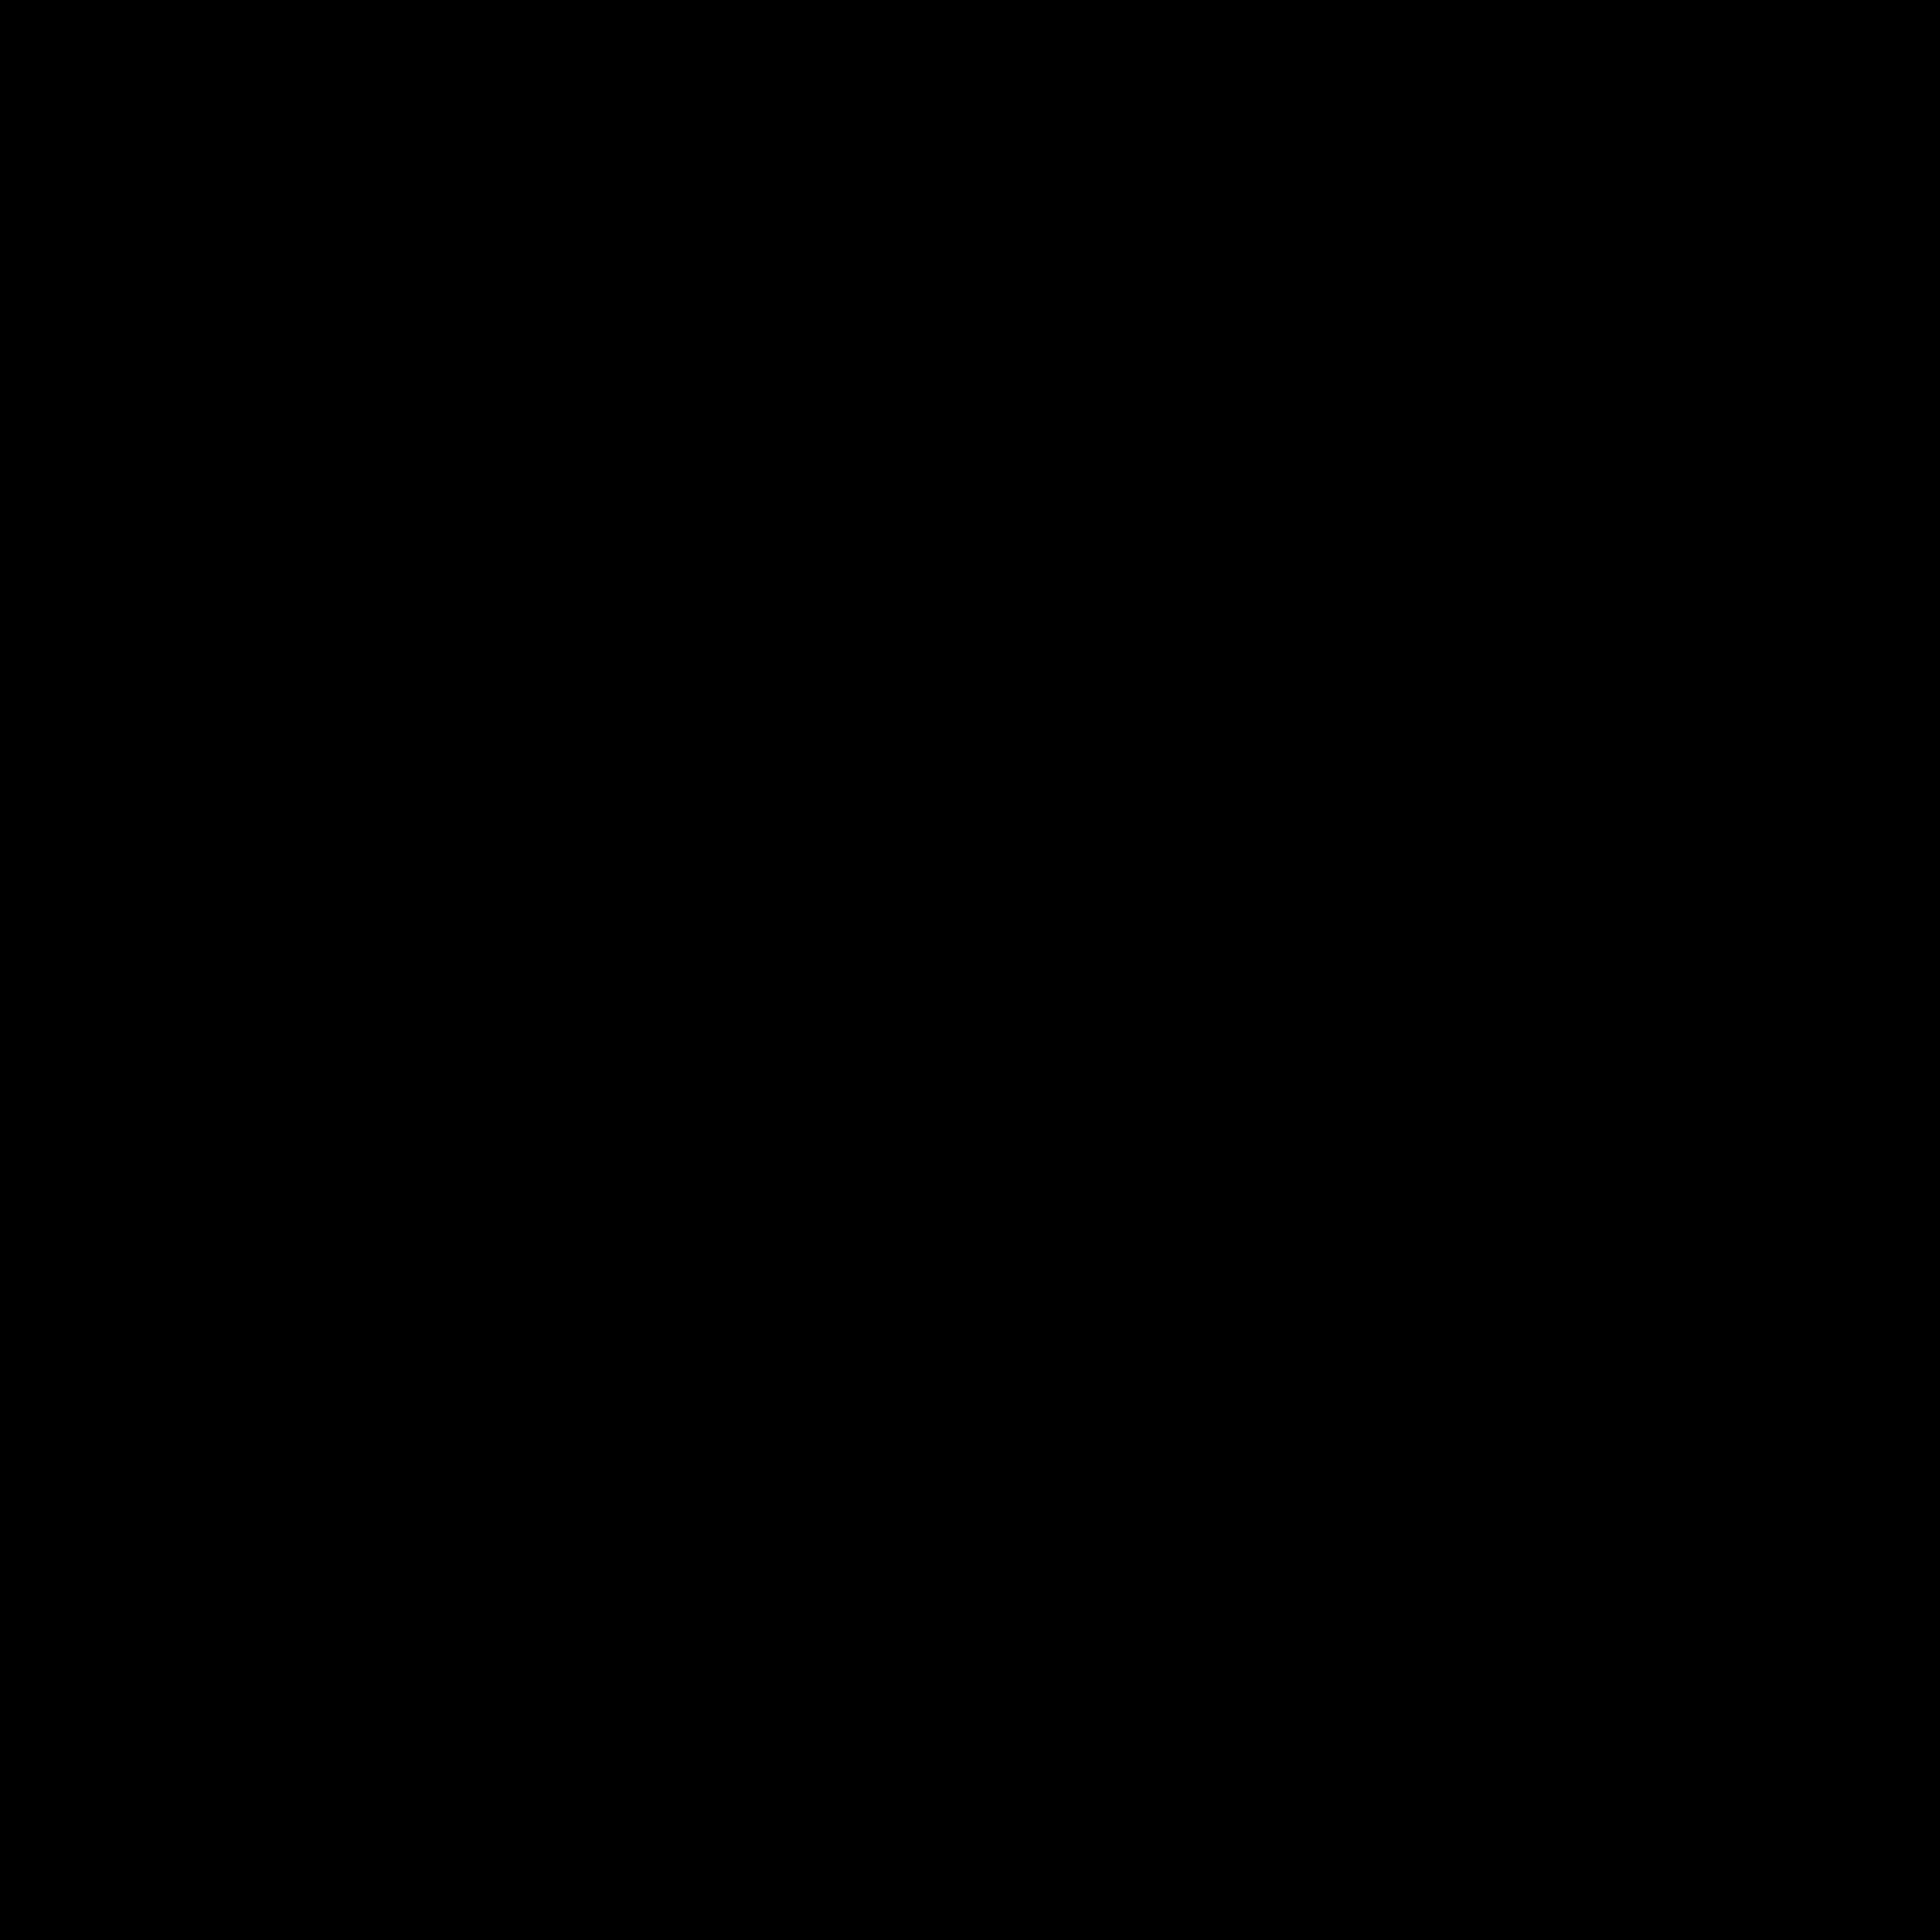 Black, youtube icon